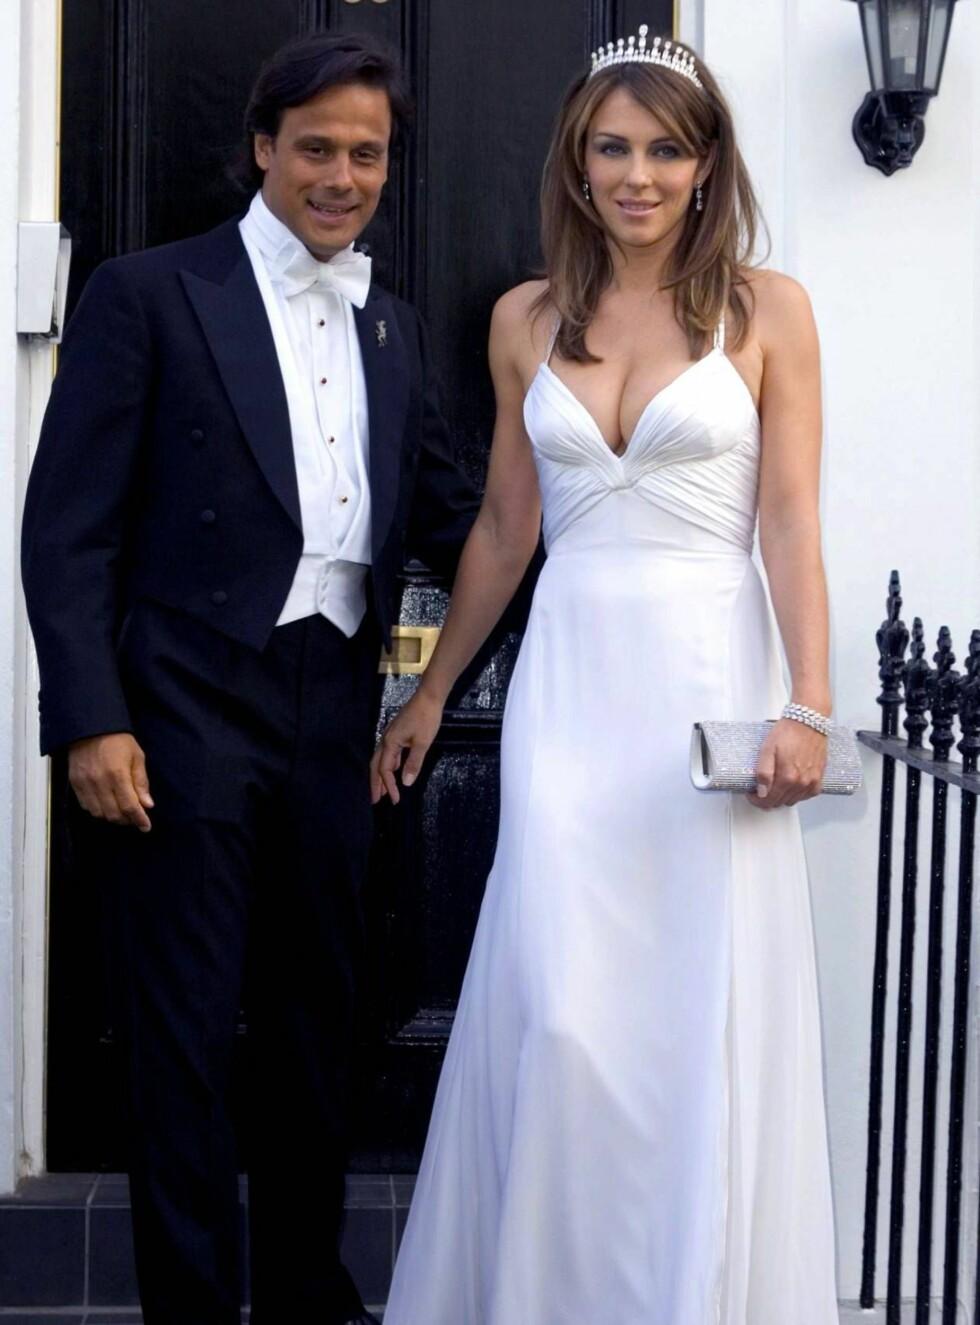 LYKKELIG GIFT: Bryllupet mellom Elizabeth Hurley og Arun Nayar i England gikk knirkefritt for seg, men sermoni nummer to har bydd på flere problemer. Foto: All Over Press